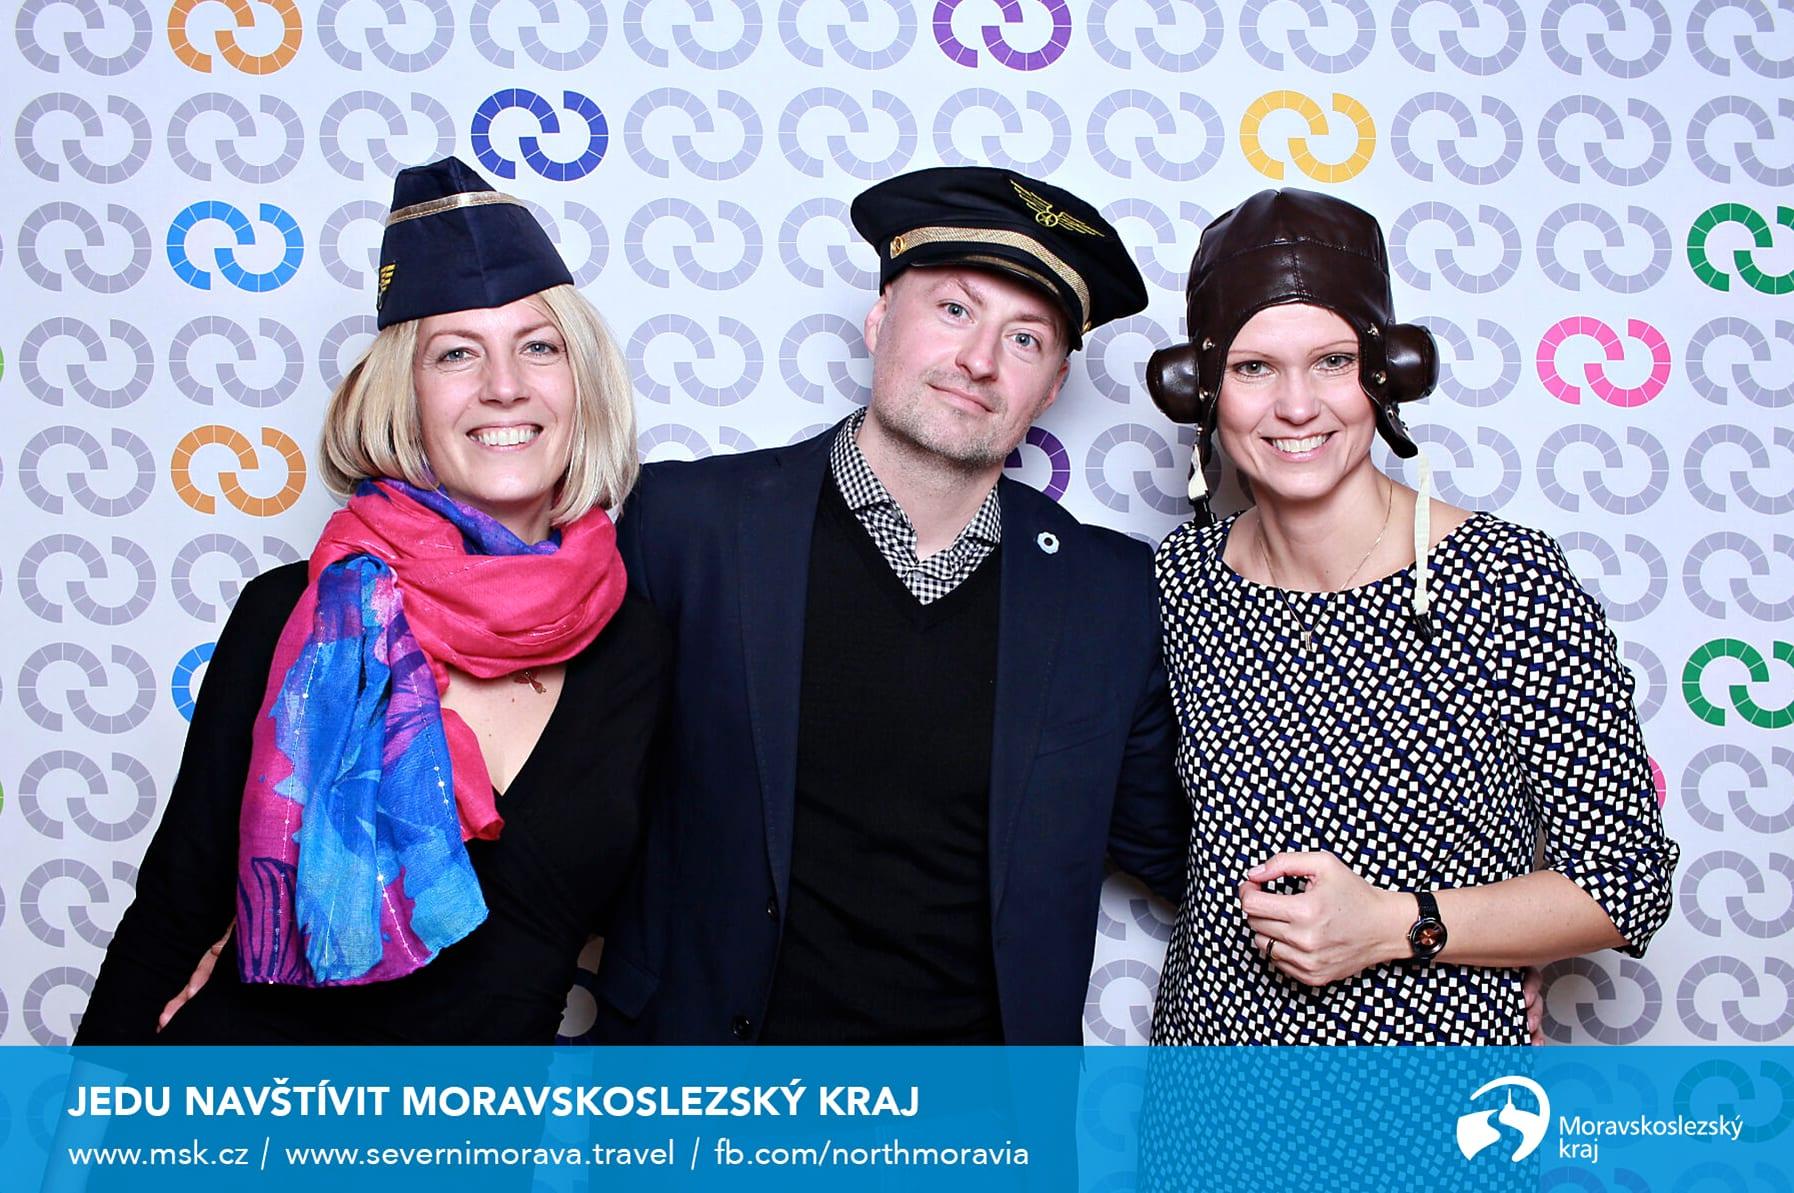 fotokoutek-bratislava-veletrh-msk-24-1-2019-573245